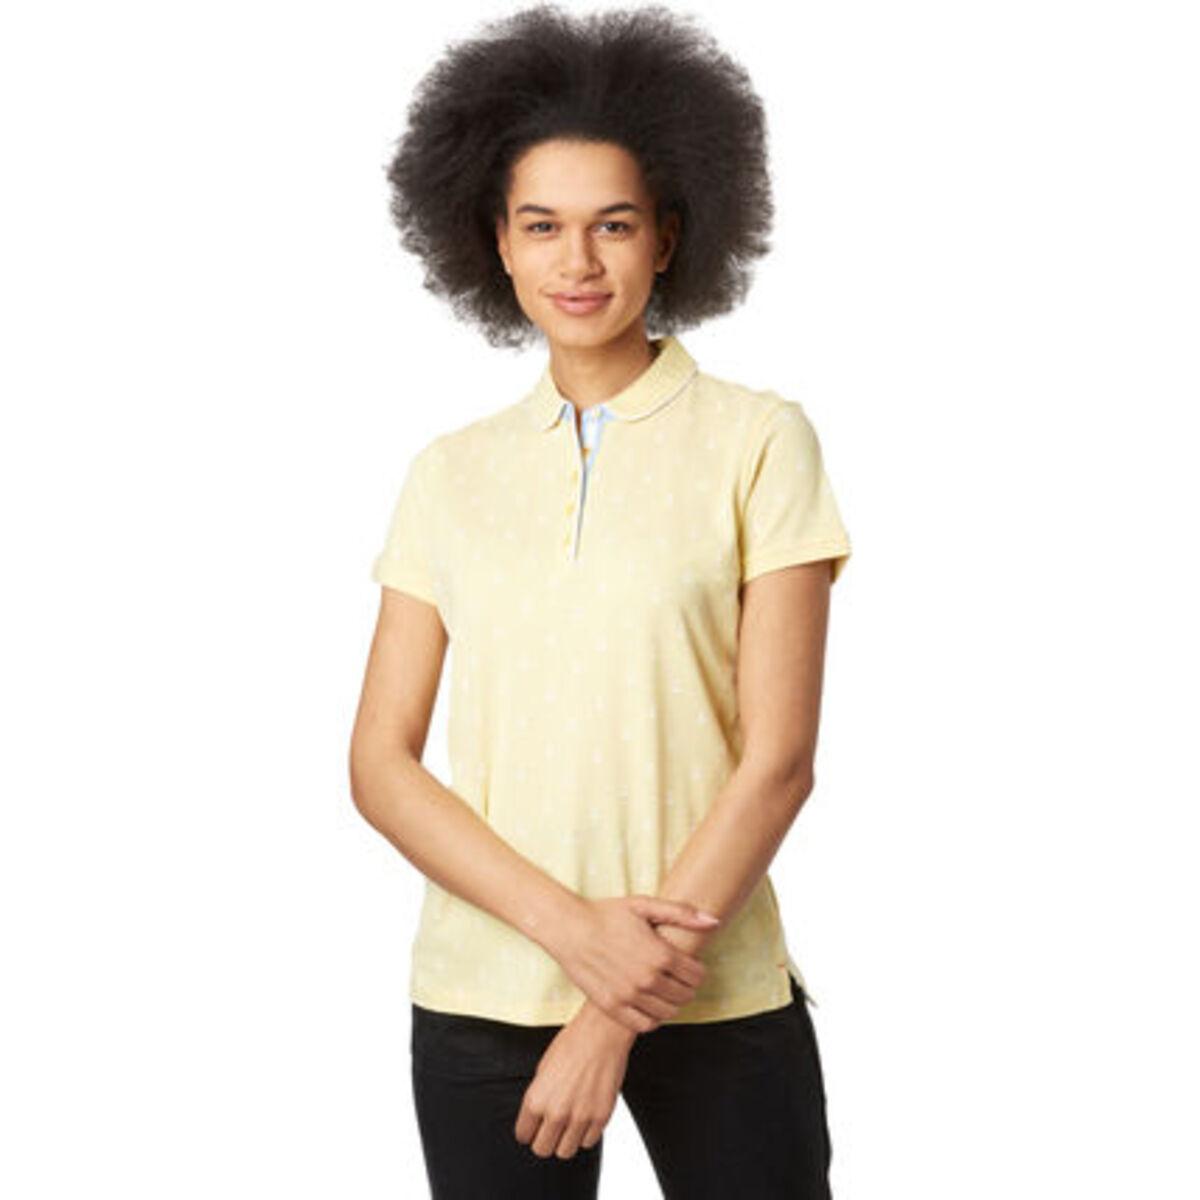 Bild 1 von Adagio Poloshirt, bedruckt, für Damen